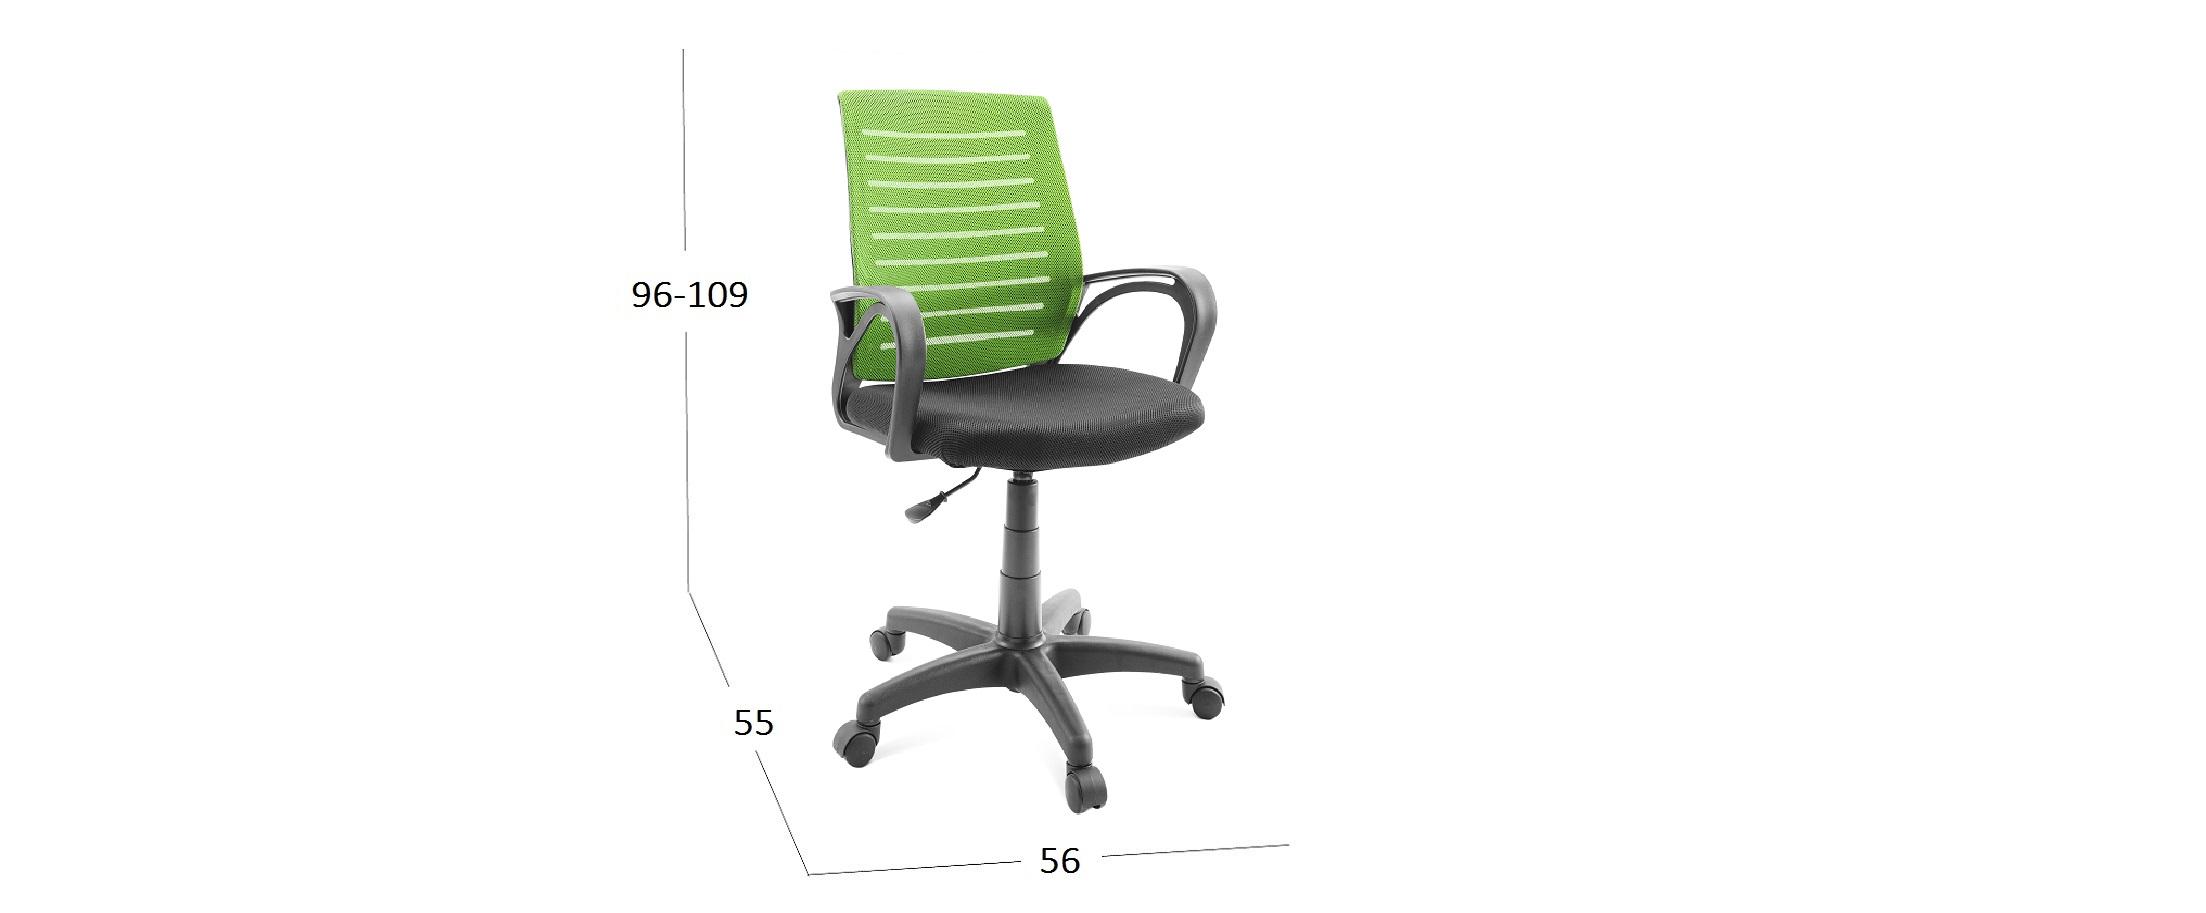 Кресло SN14 Модель 376Кресло офисное SN14 зеленый Модель 376. Артикул Д001065